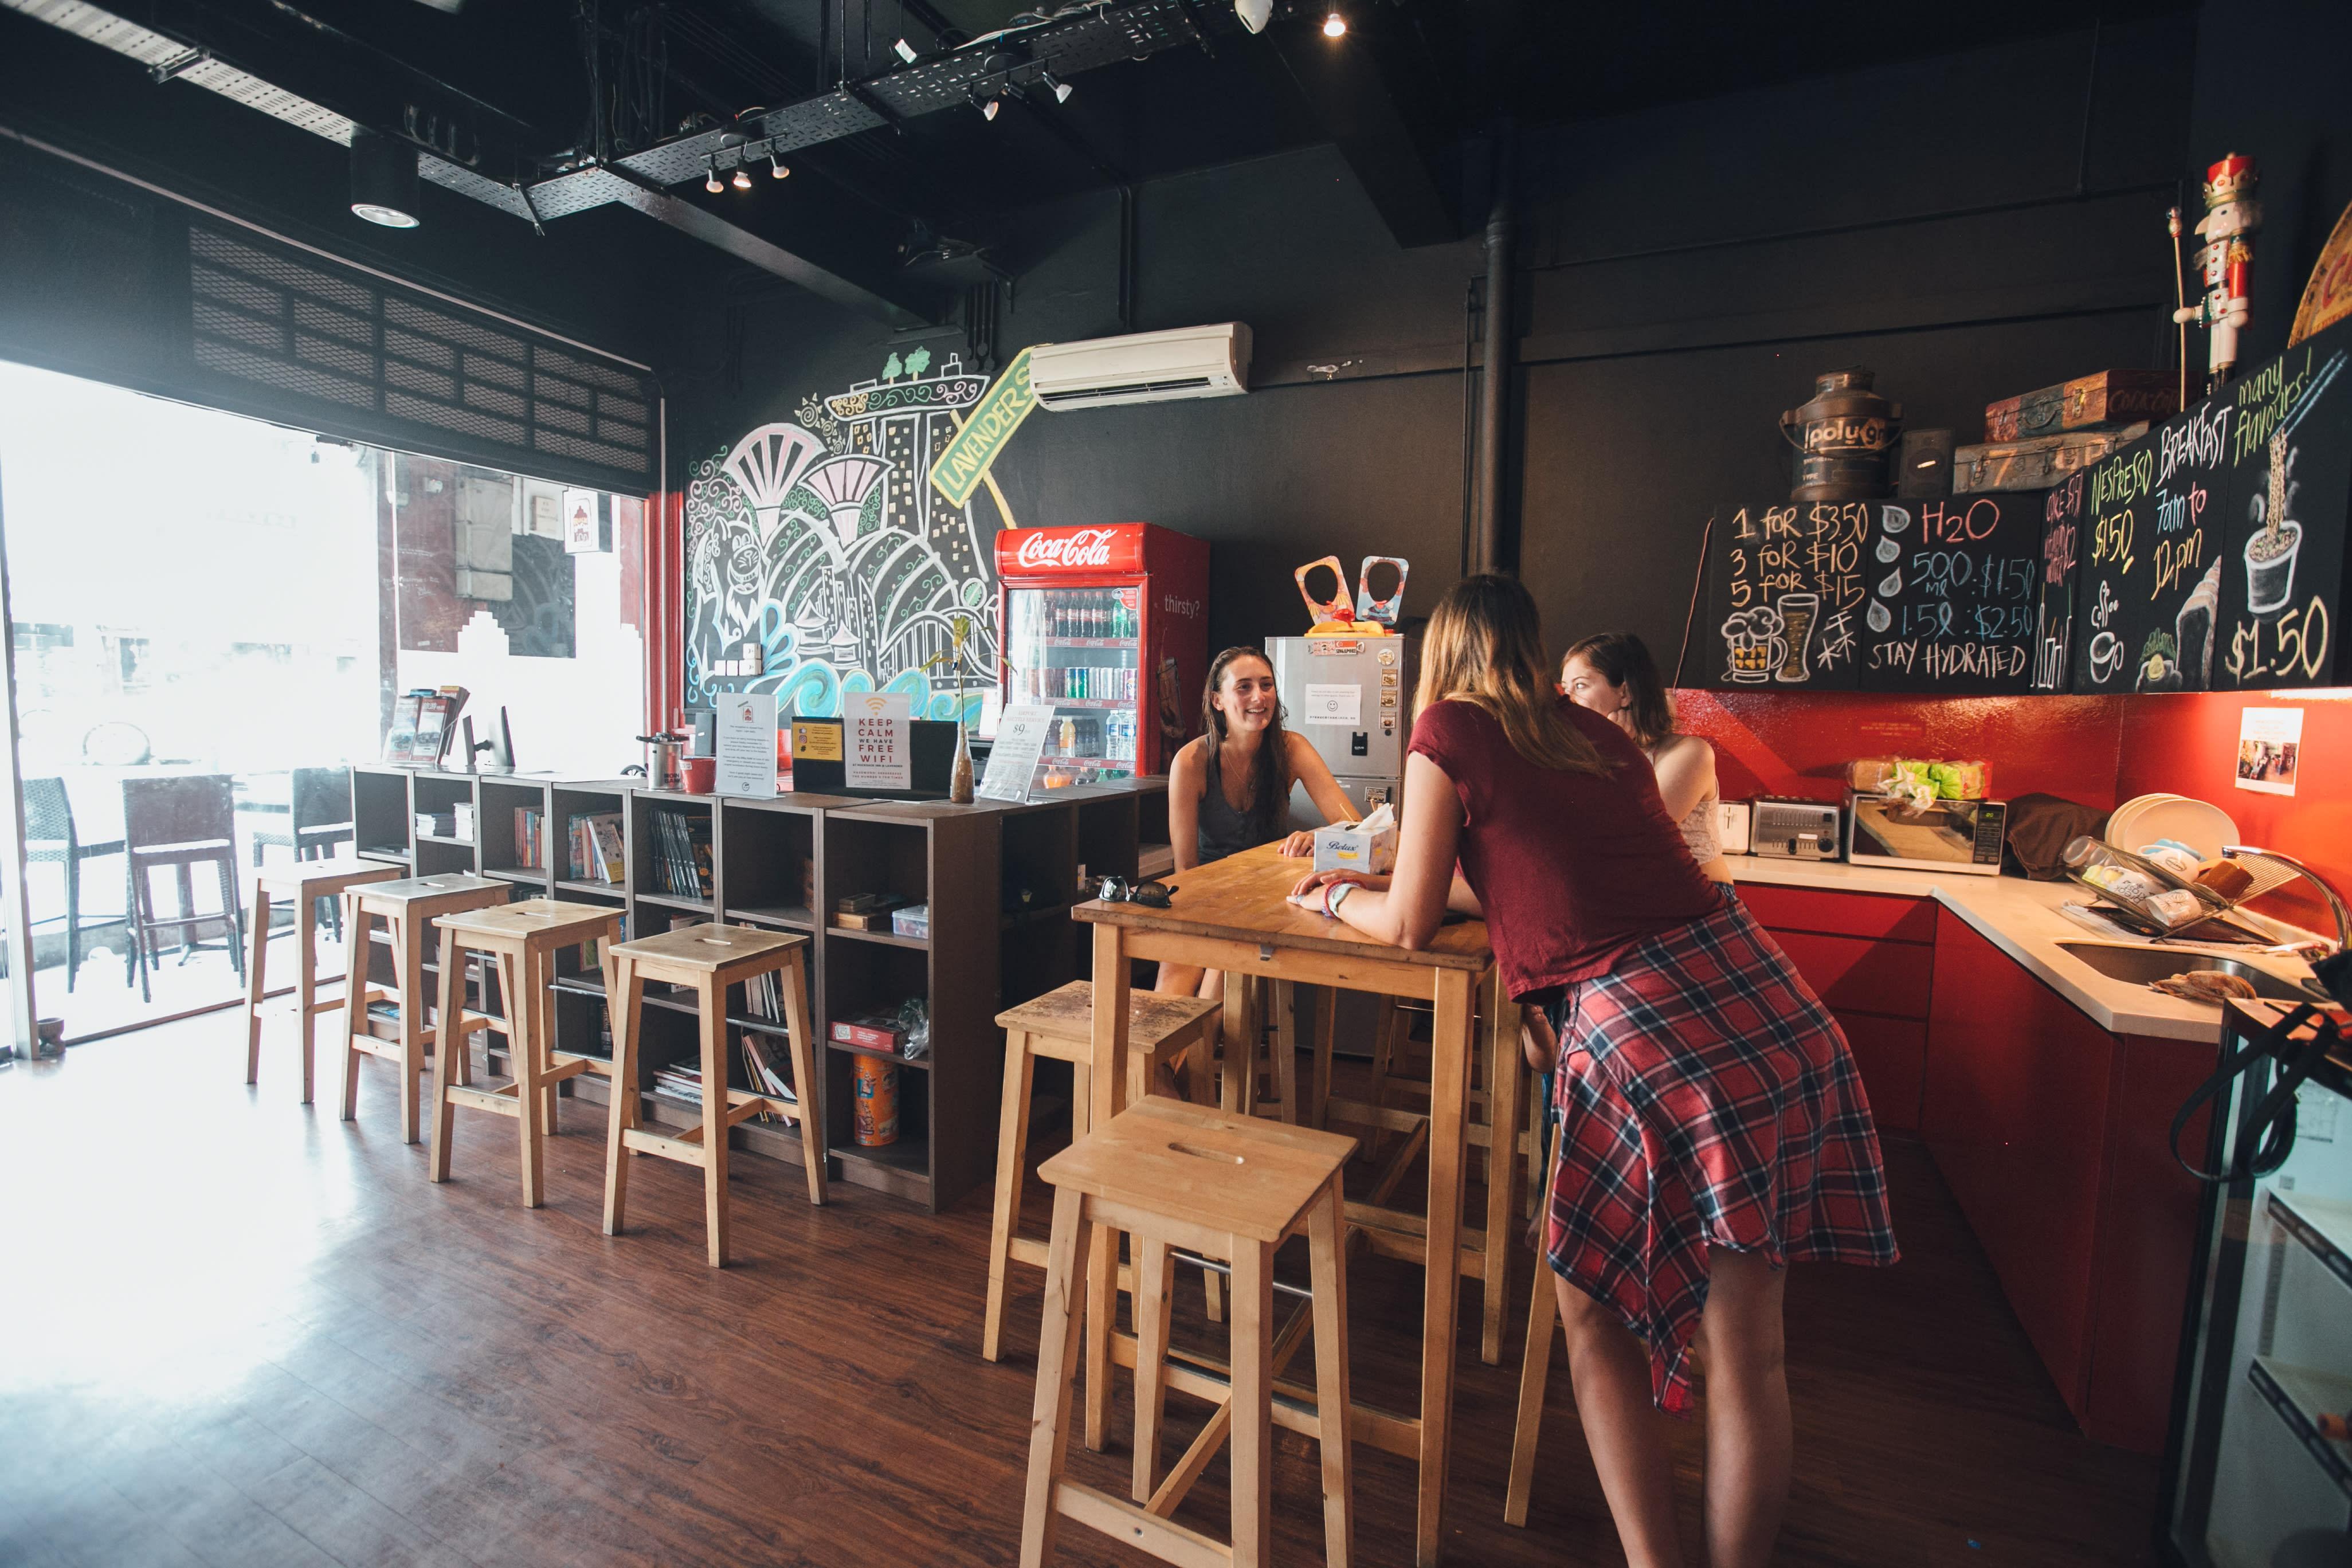 HOSTEL - Rucksack Inn @Lavender Street (Green Kiwi)